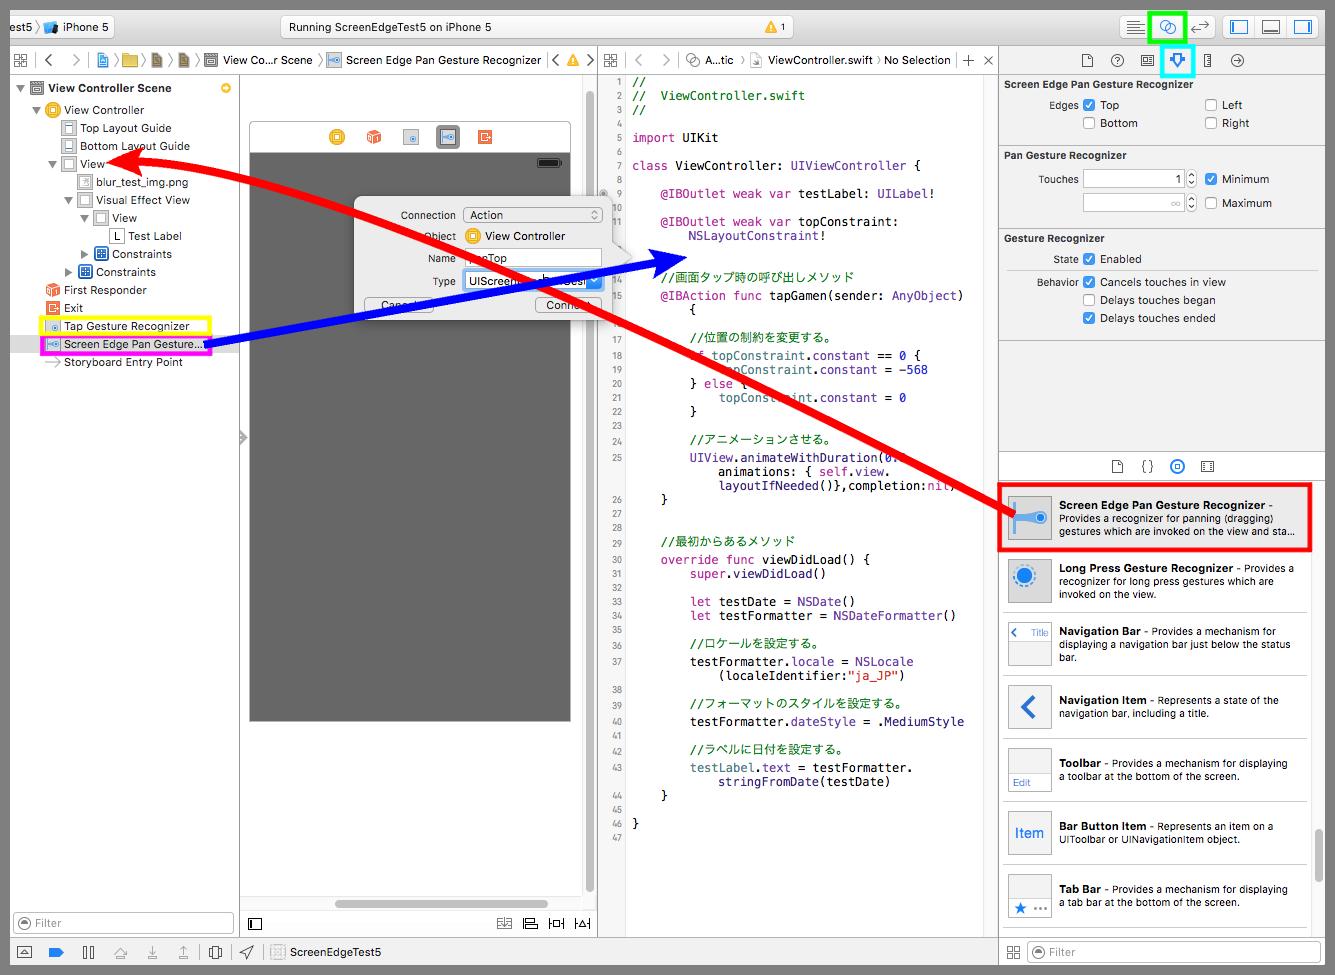 Screen Edge Pan Gesture Recognizerをビューに配置する。